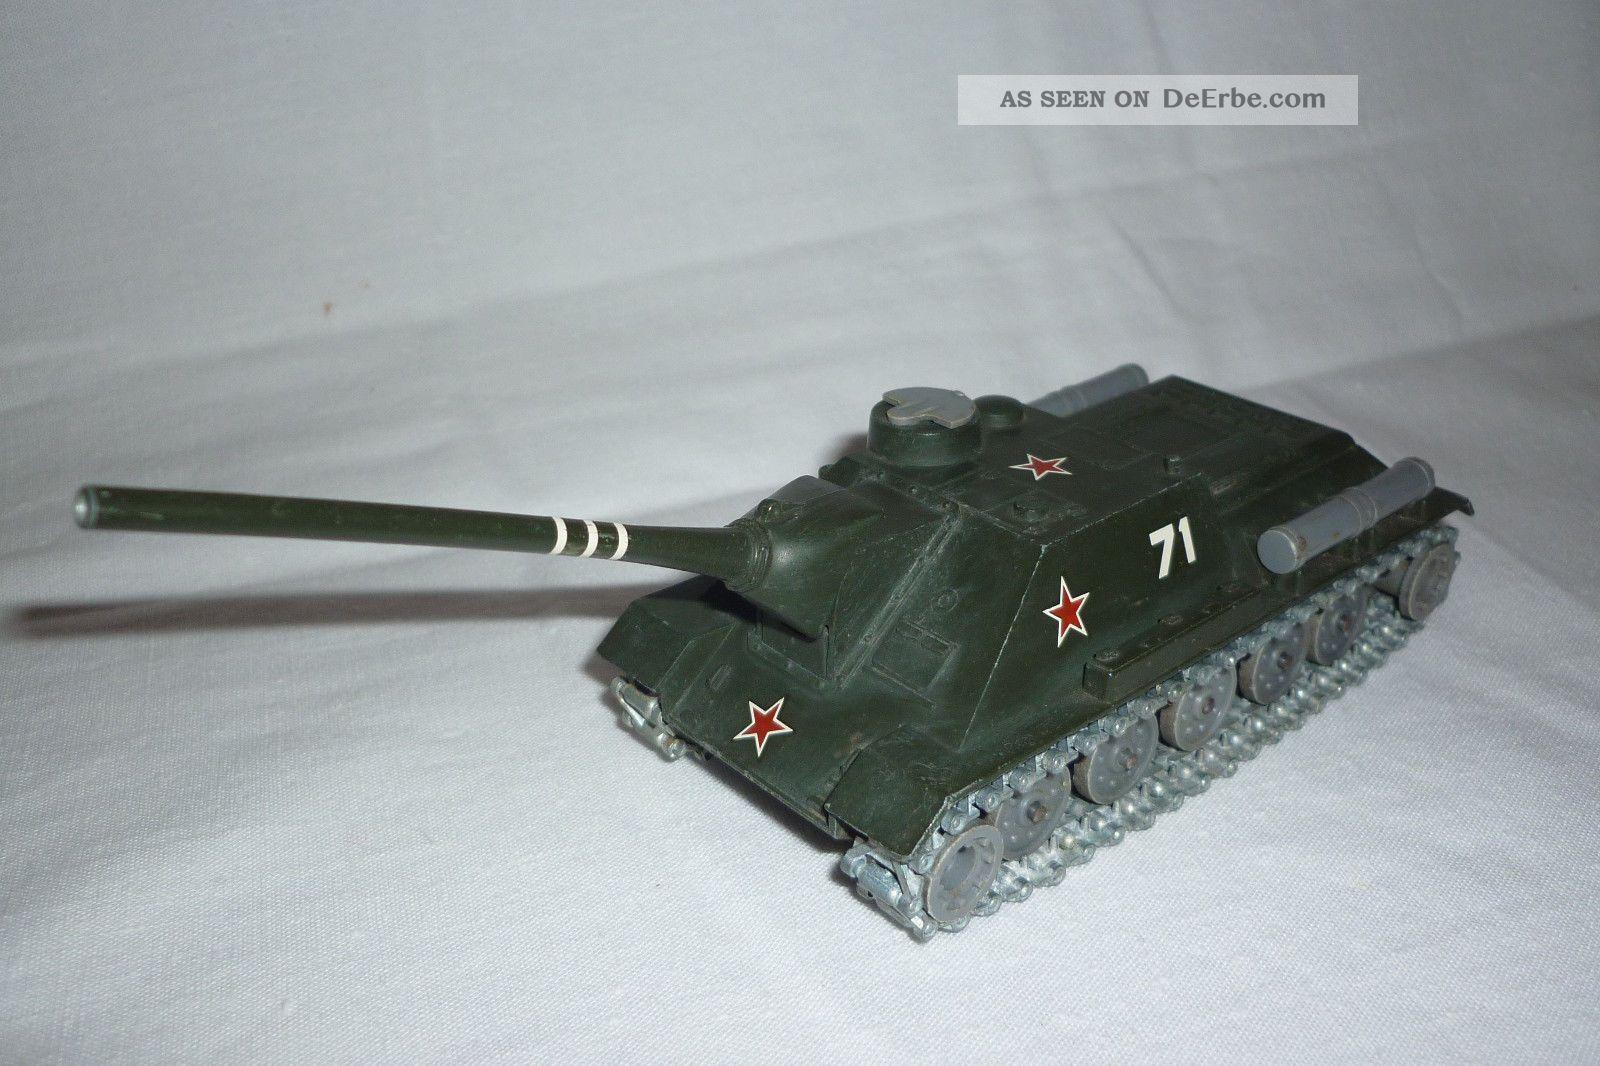 Solido - Metallmodell - Panzer / Tank - Char Su 100 - Ussr - 1:50 - (4.  Bm - 62) Gefertigt nach 1970 Bild